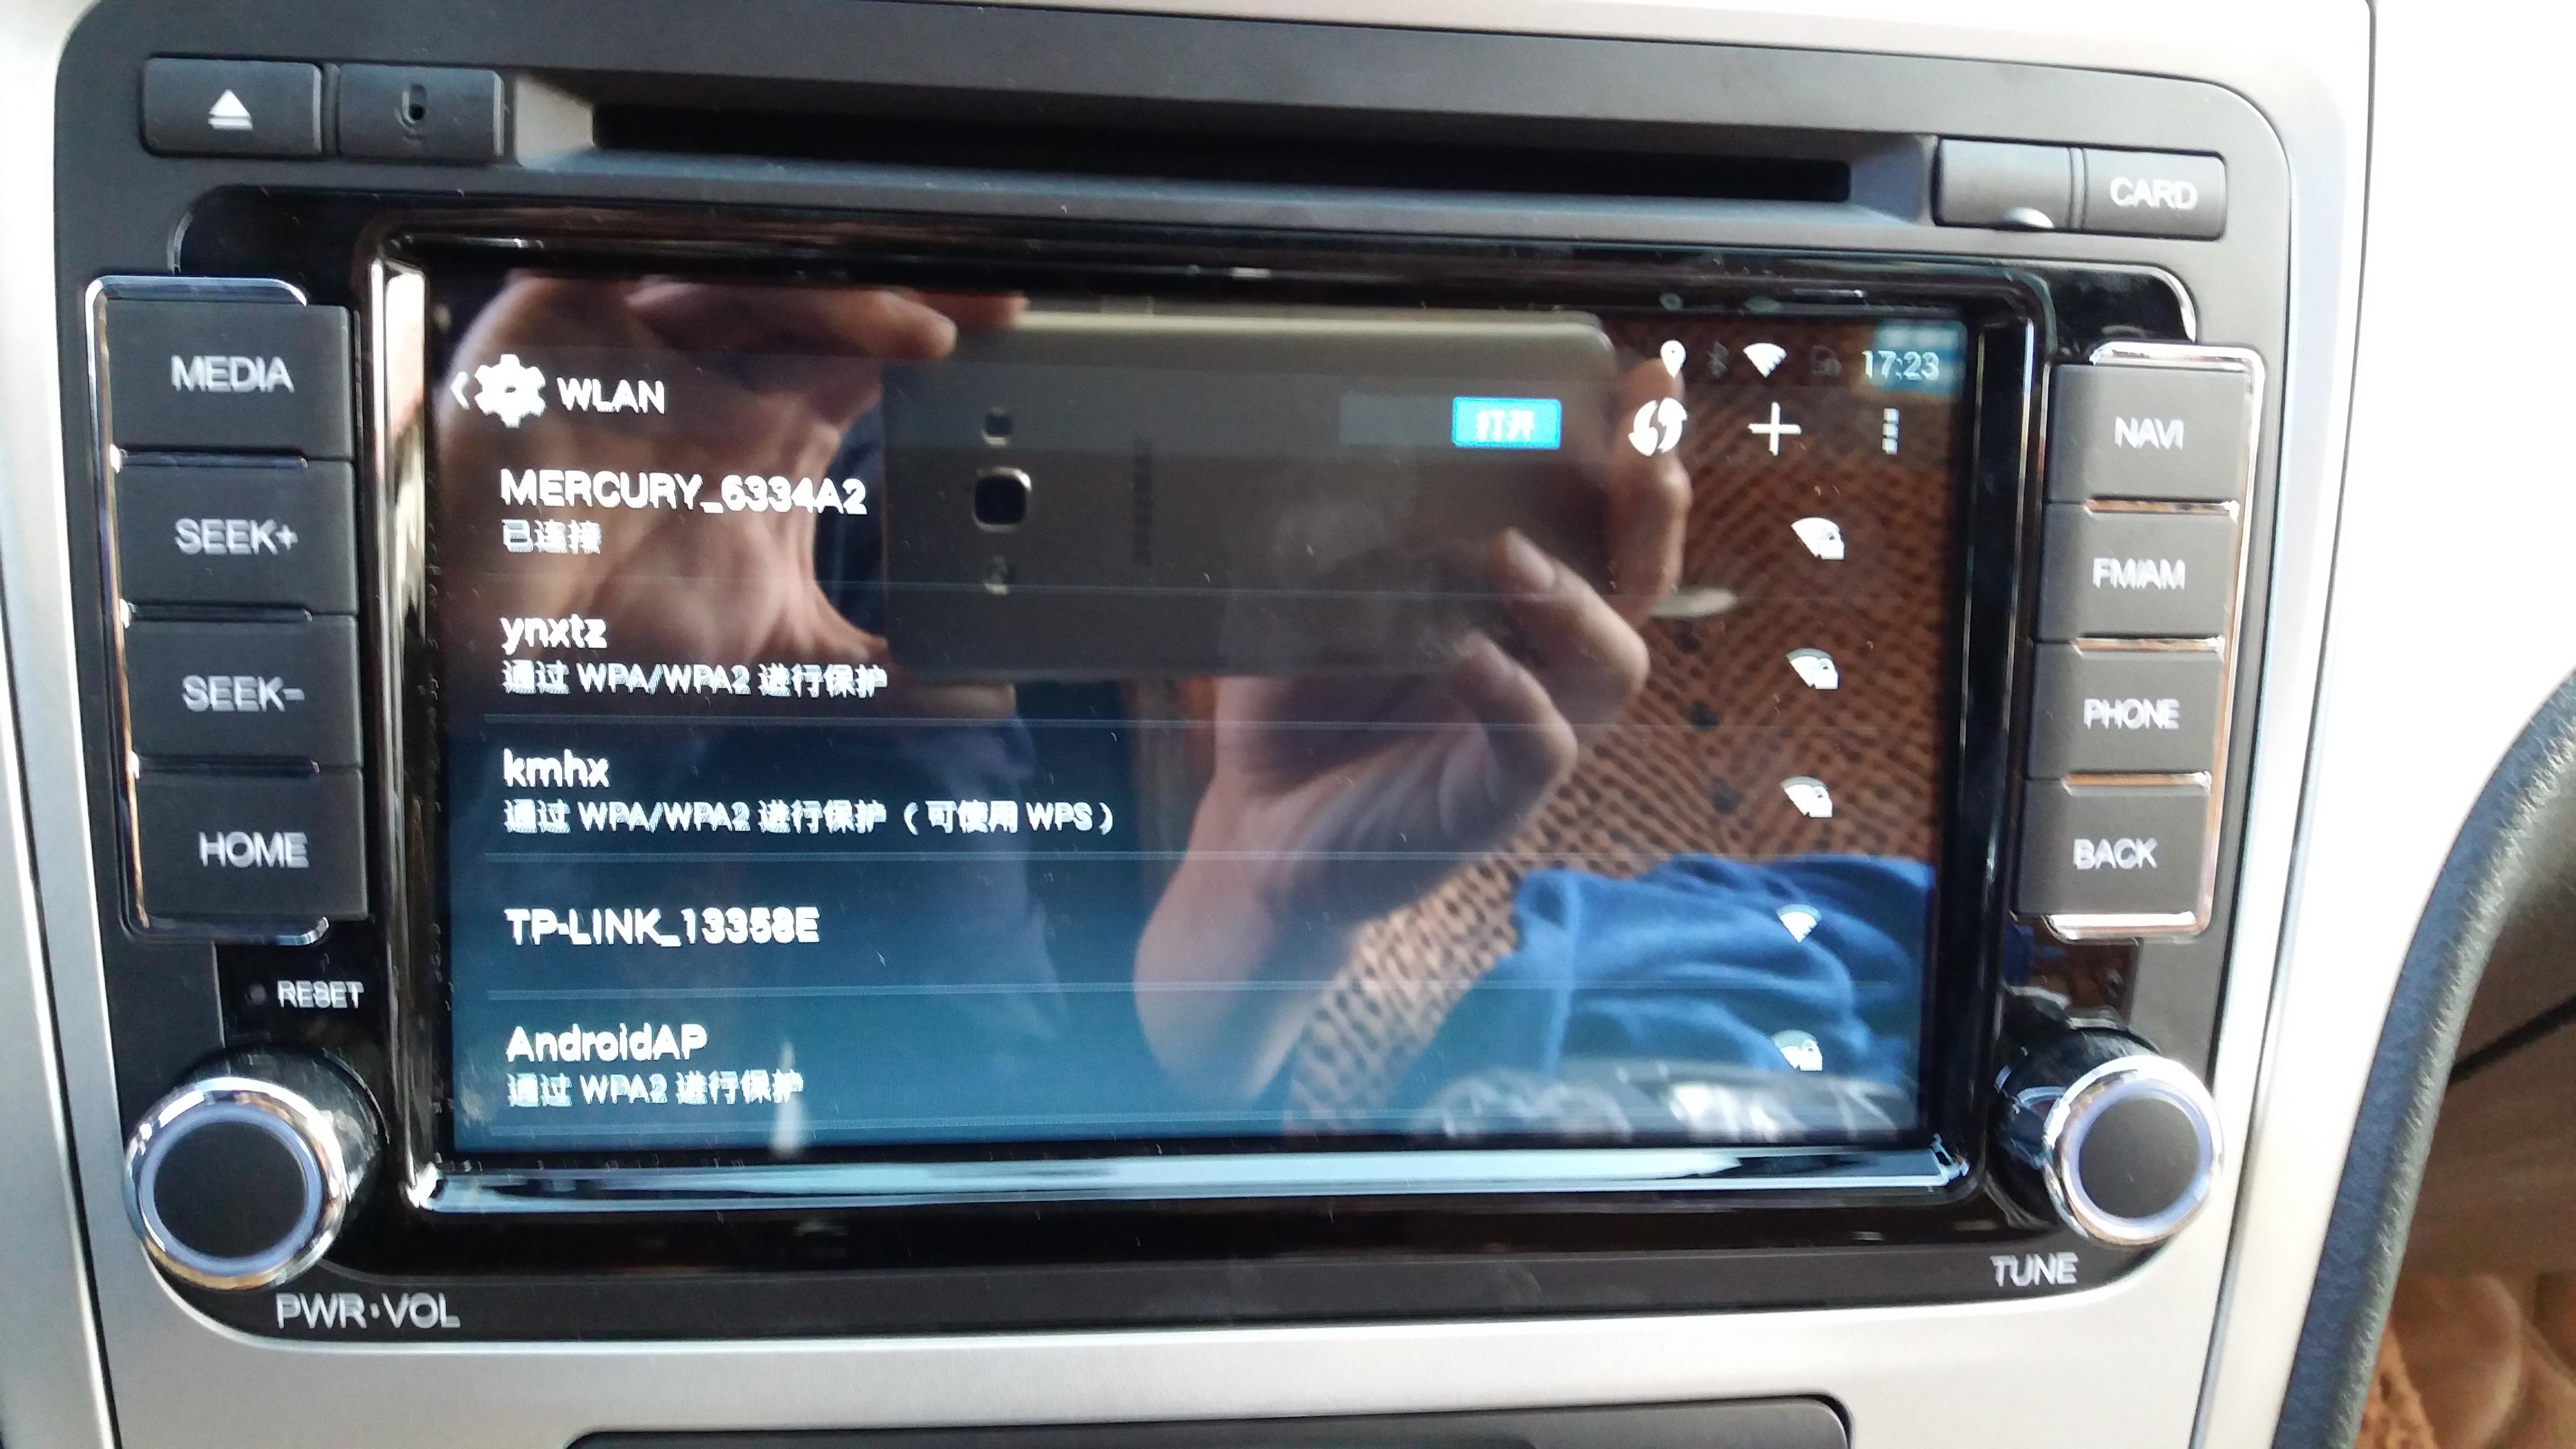 倒车影像  飞歌 g8 安卓黄金版是一款在声色音质方面